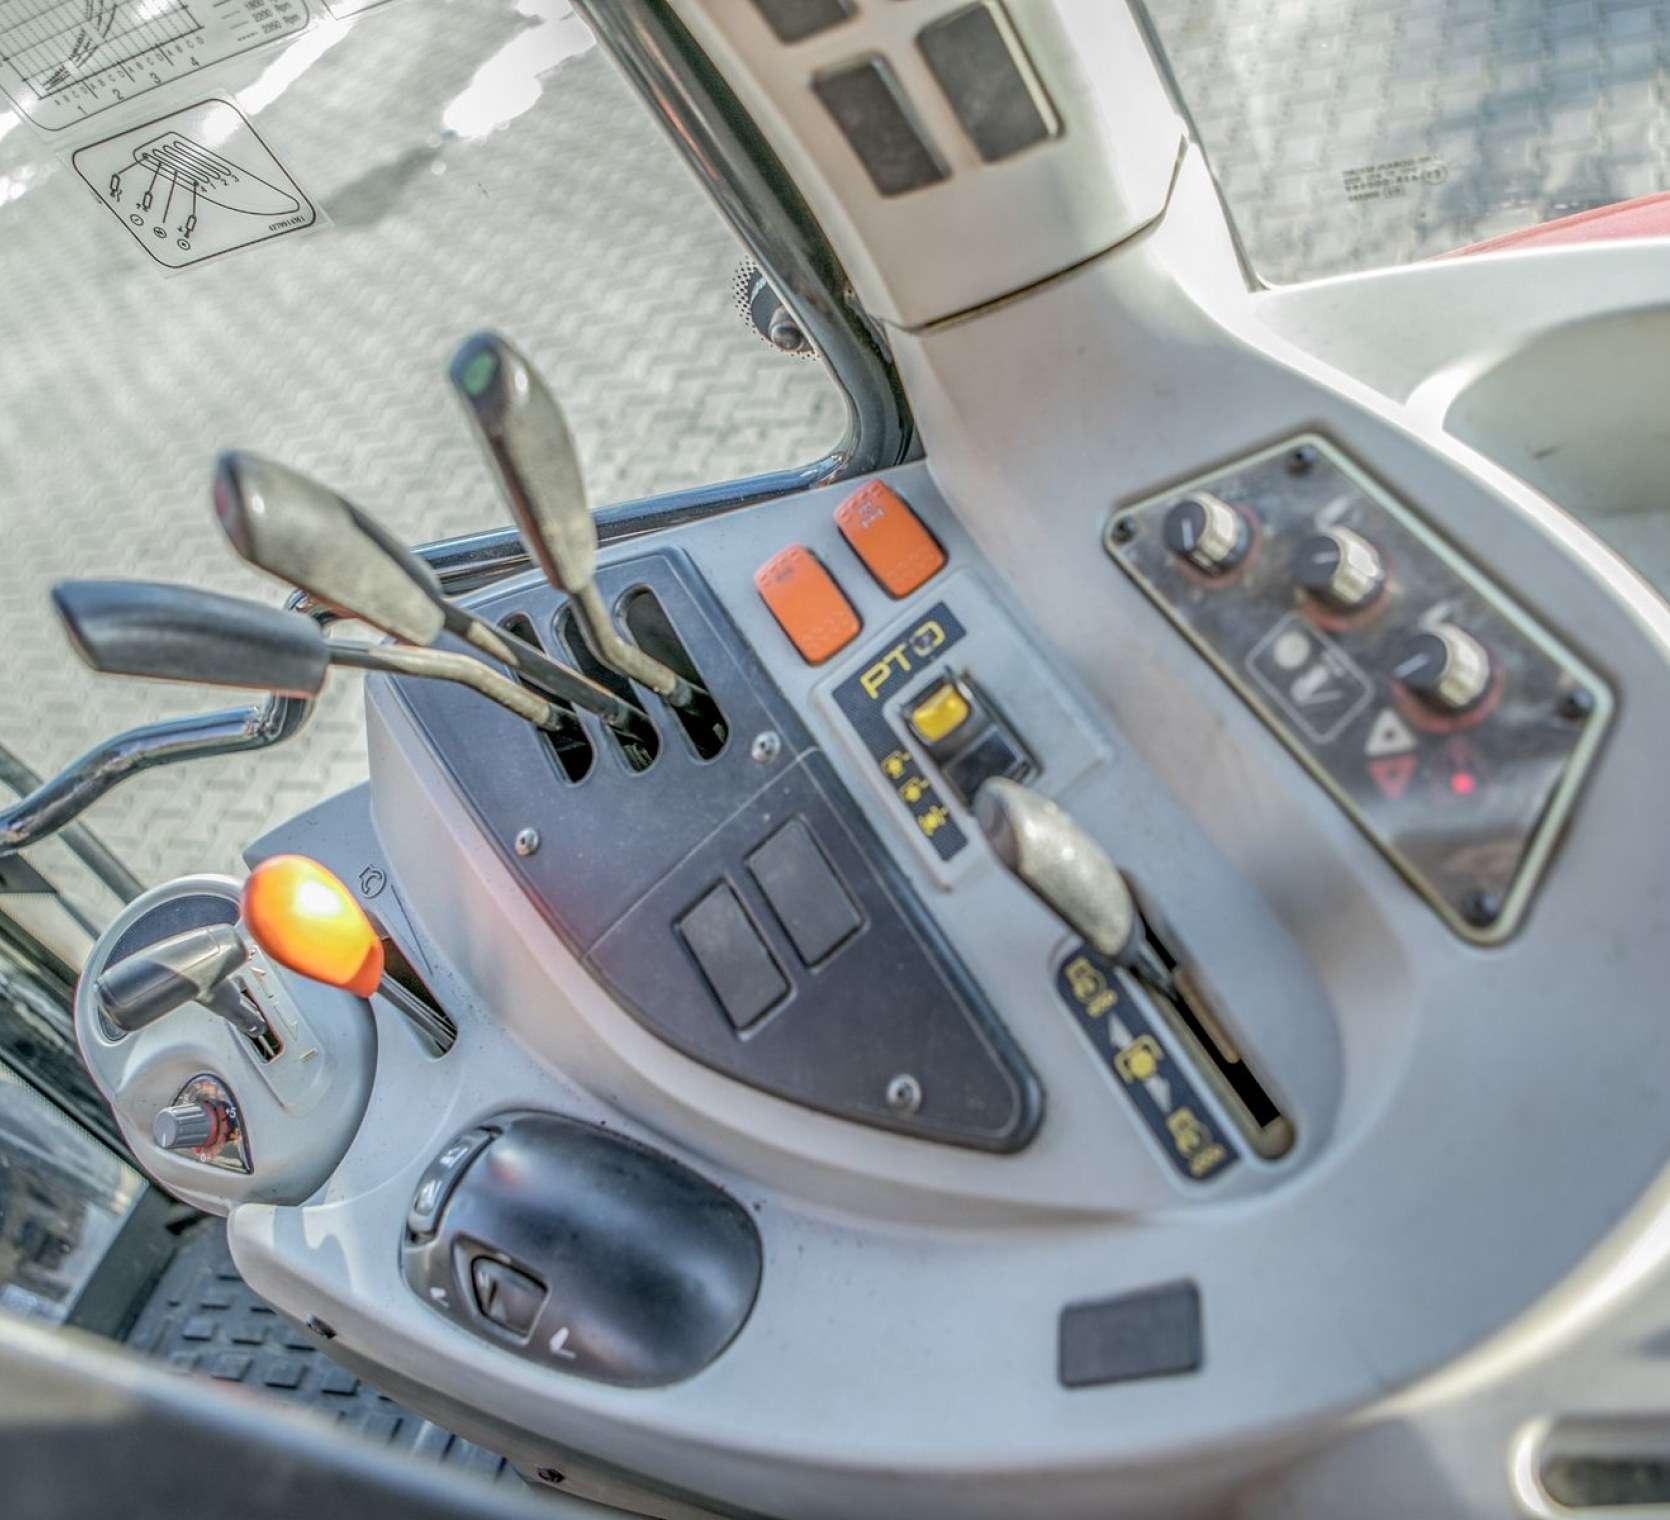 dźwignie sterujące ciągnikiem rolniczym MF 5425 z oferty korbanek.pl